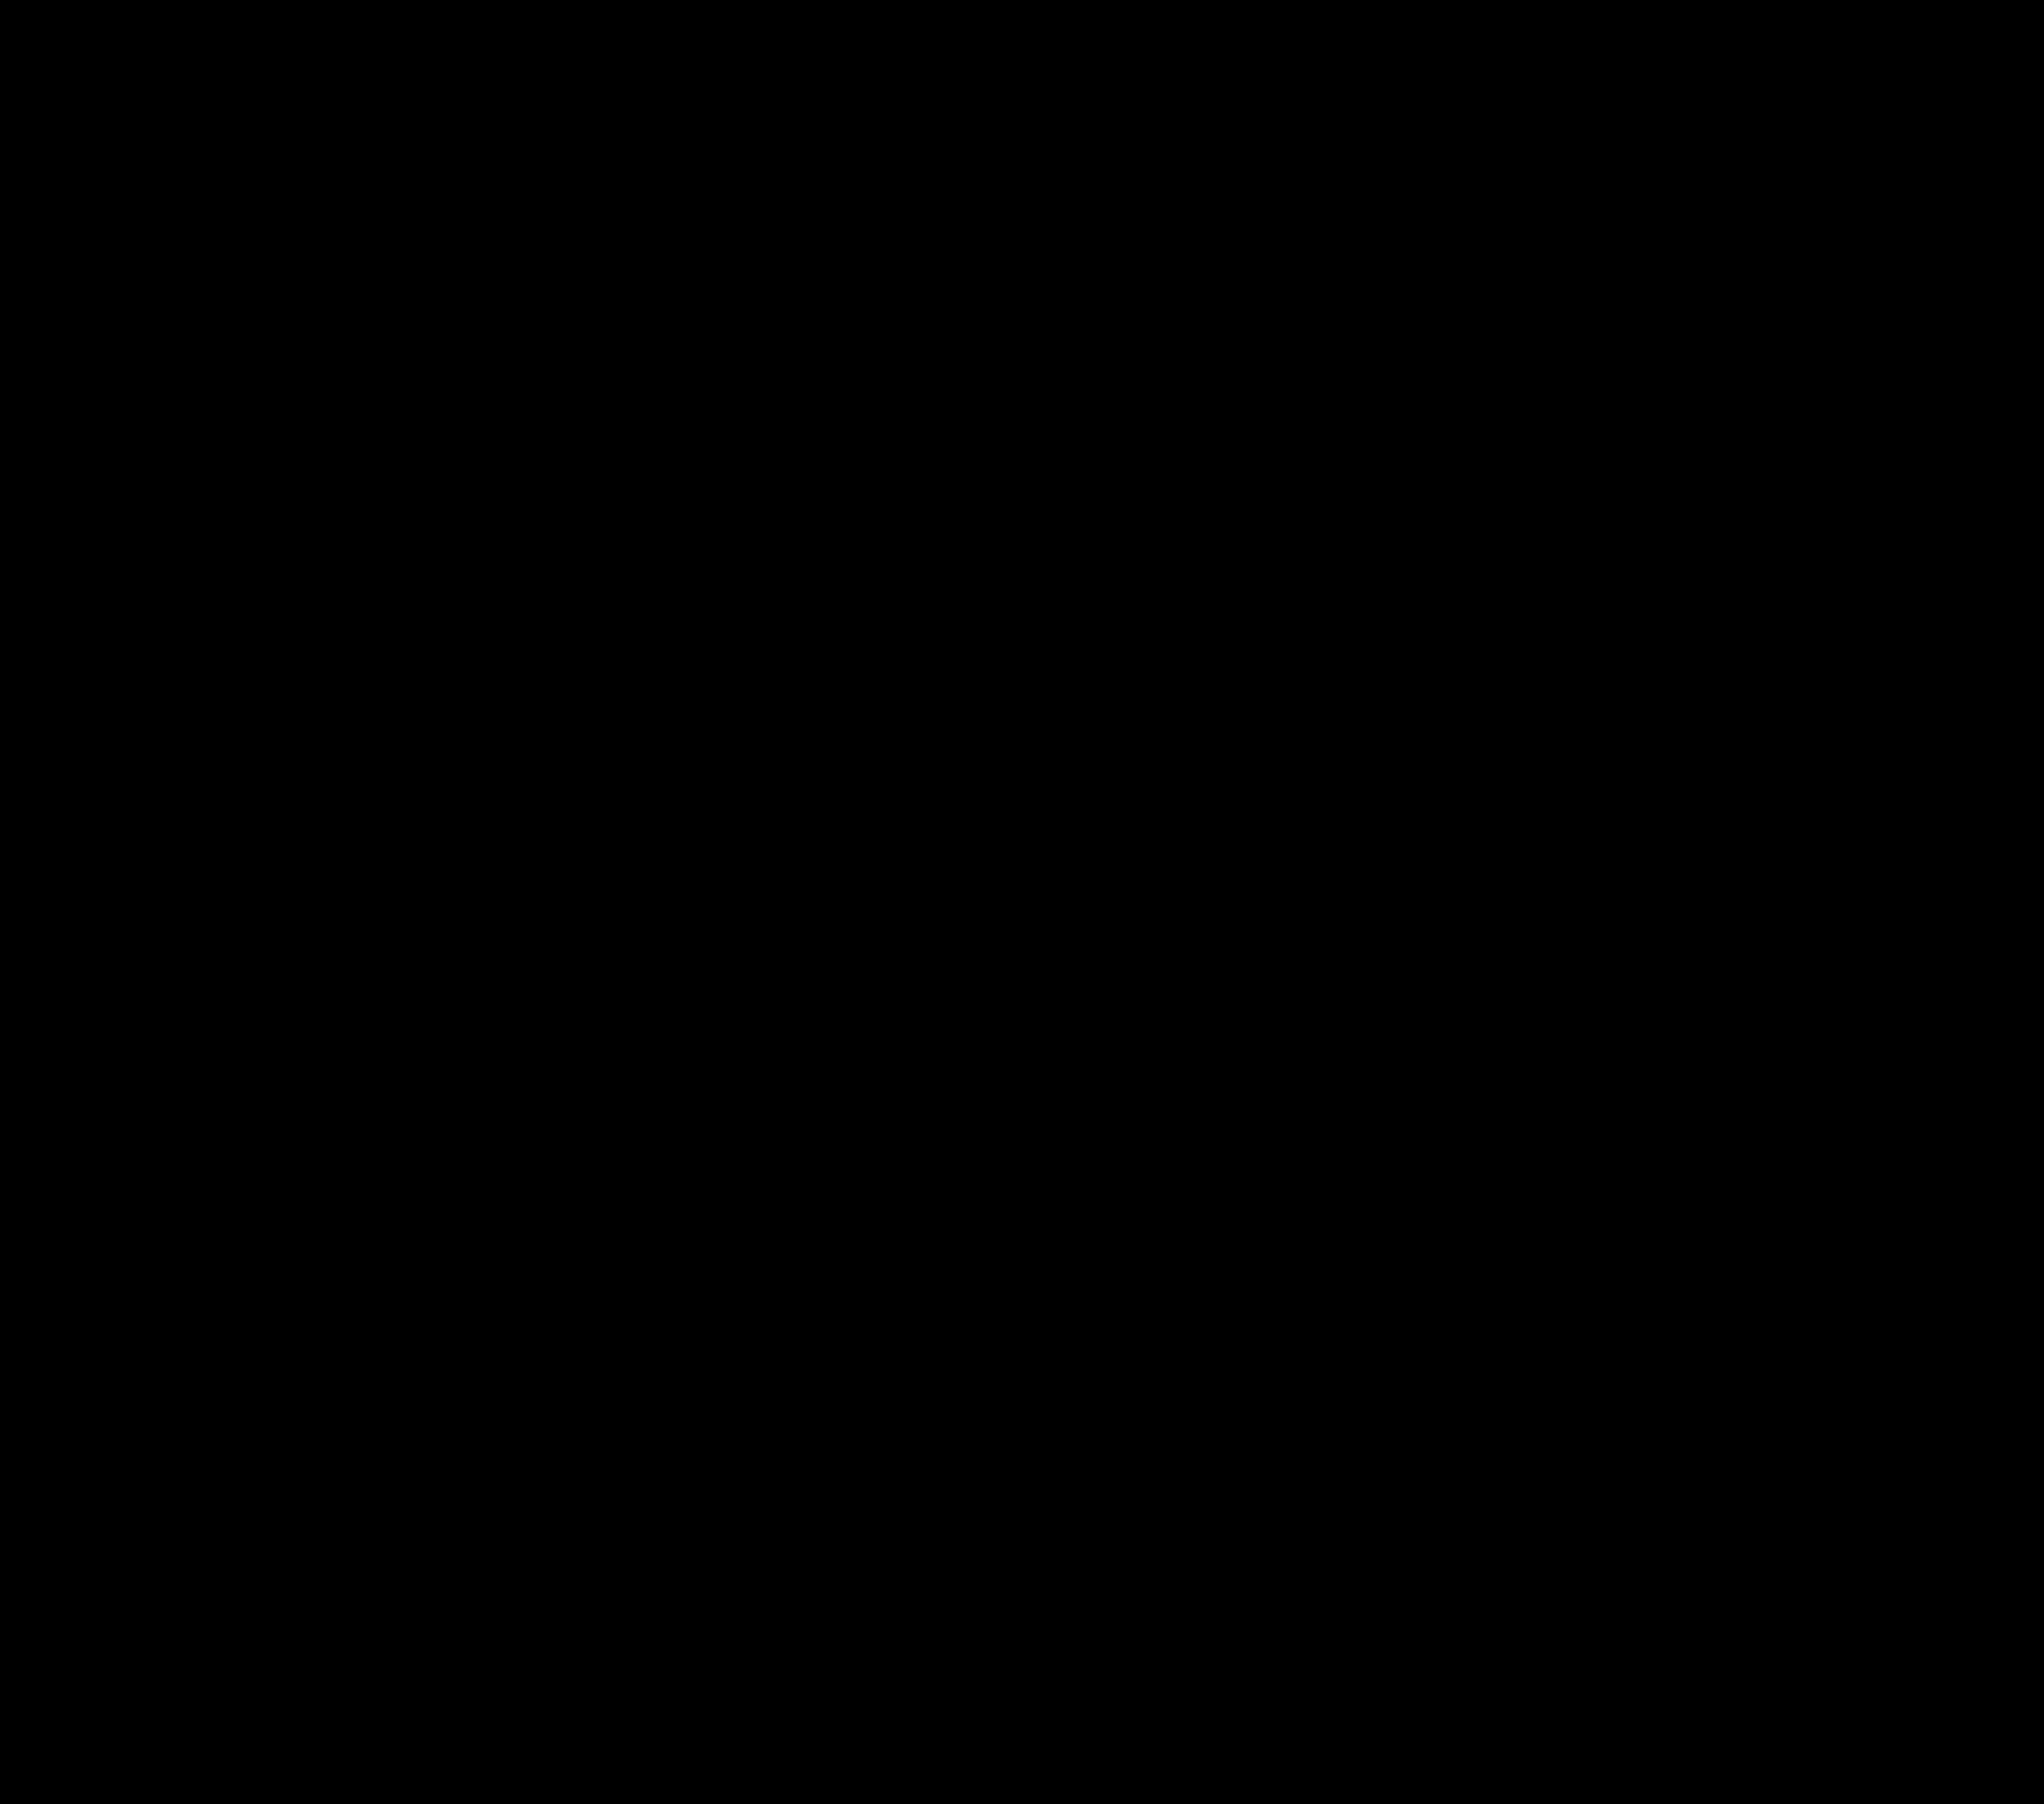 Clipart - Letter O or Zero